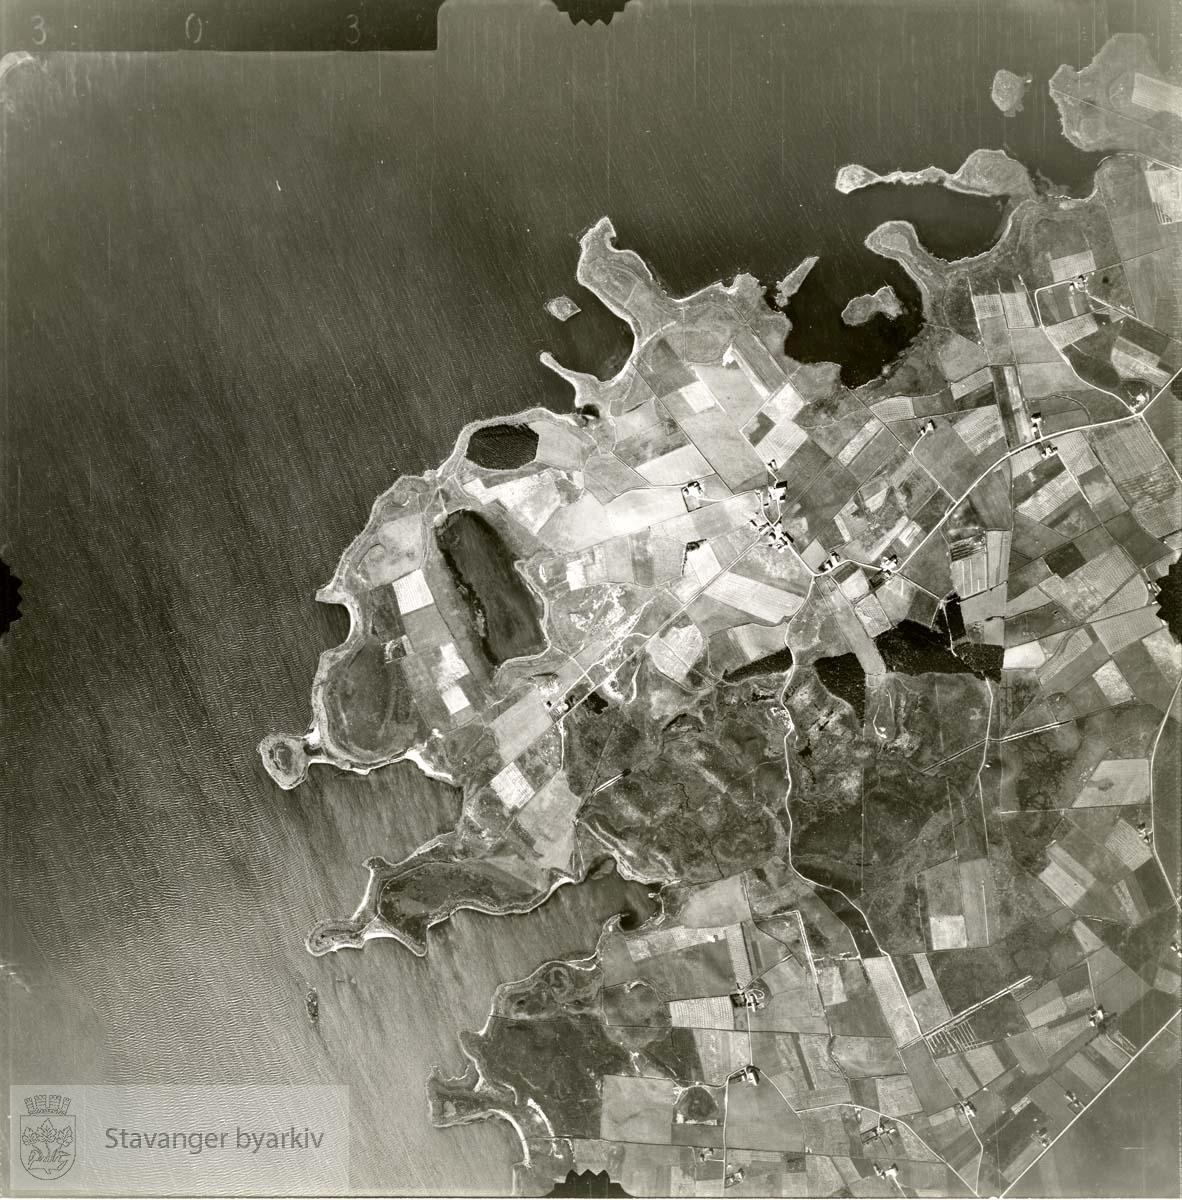 Jfr. kart/fotoplan A(III) 6/303..Orrevatnet..Se ByStW_Uca_002 (kan lastes ned under fanen for kart på Stavangerbilder)